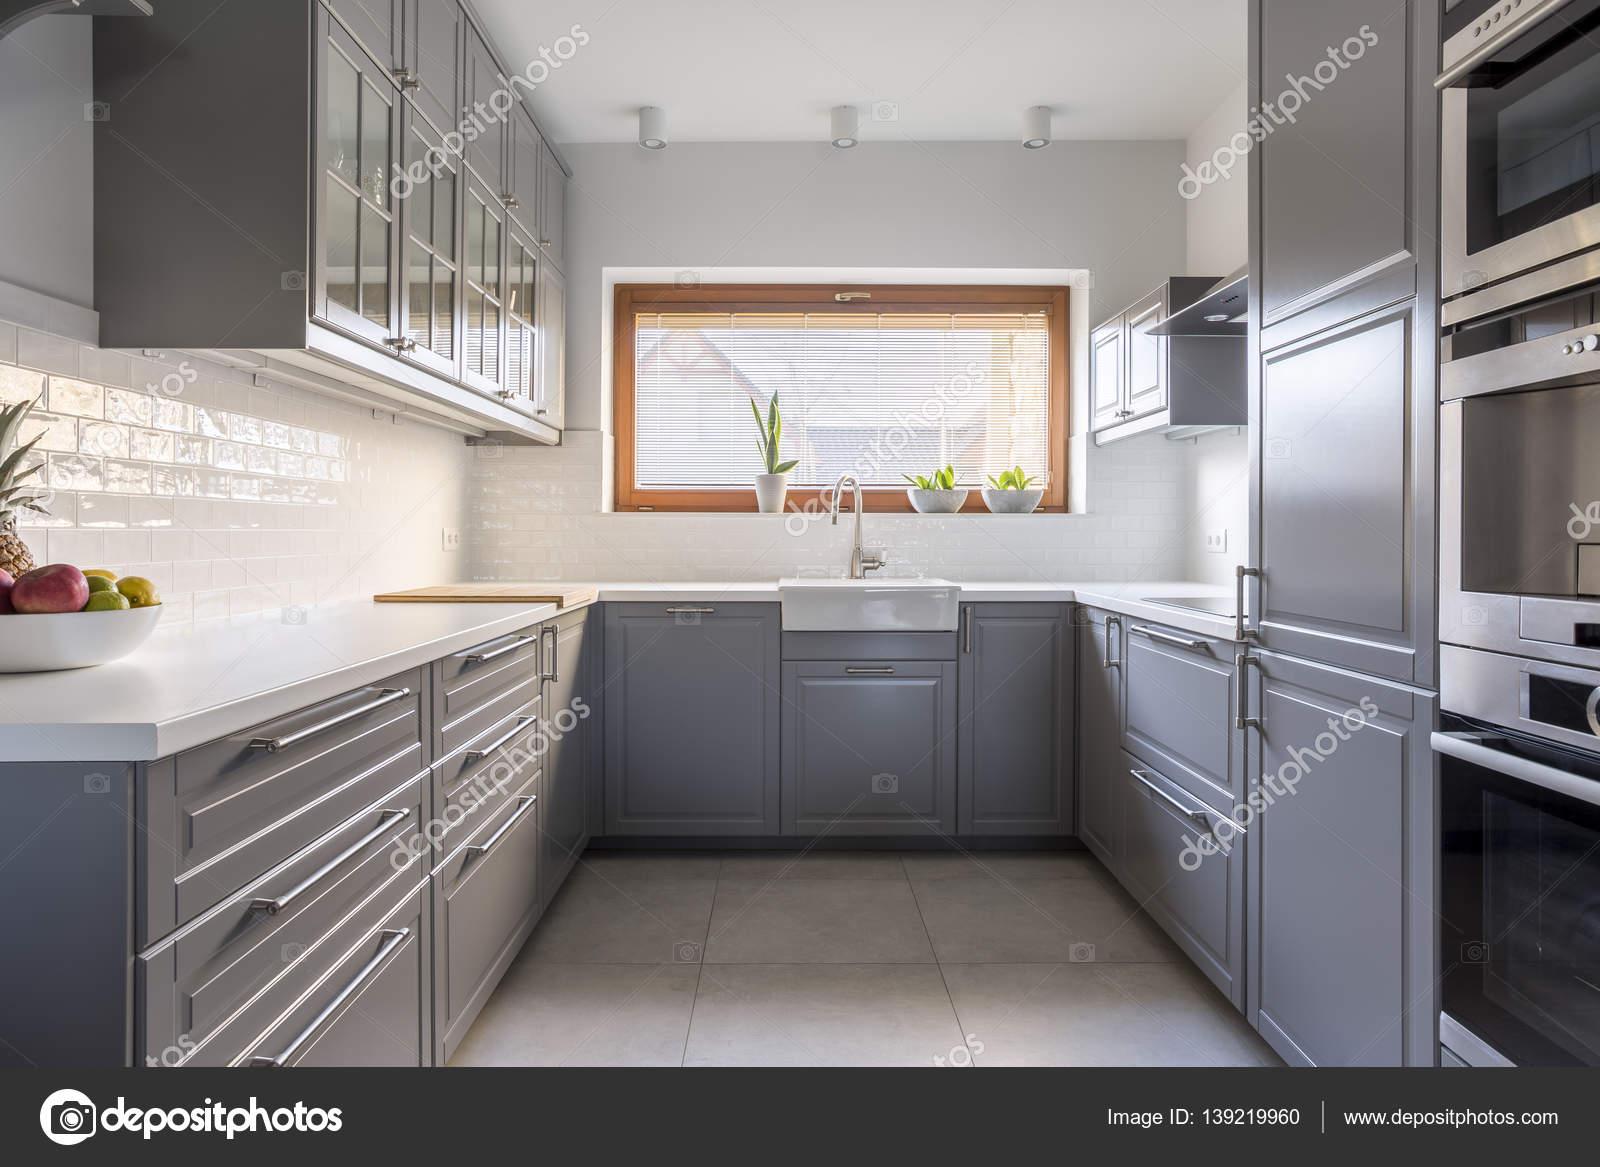 Spaziosa cucina con finestra — Foto Stock © photographee.eu #139219960